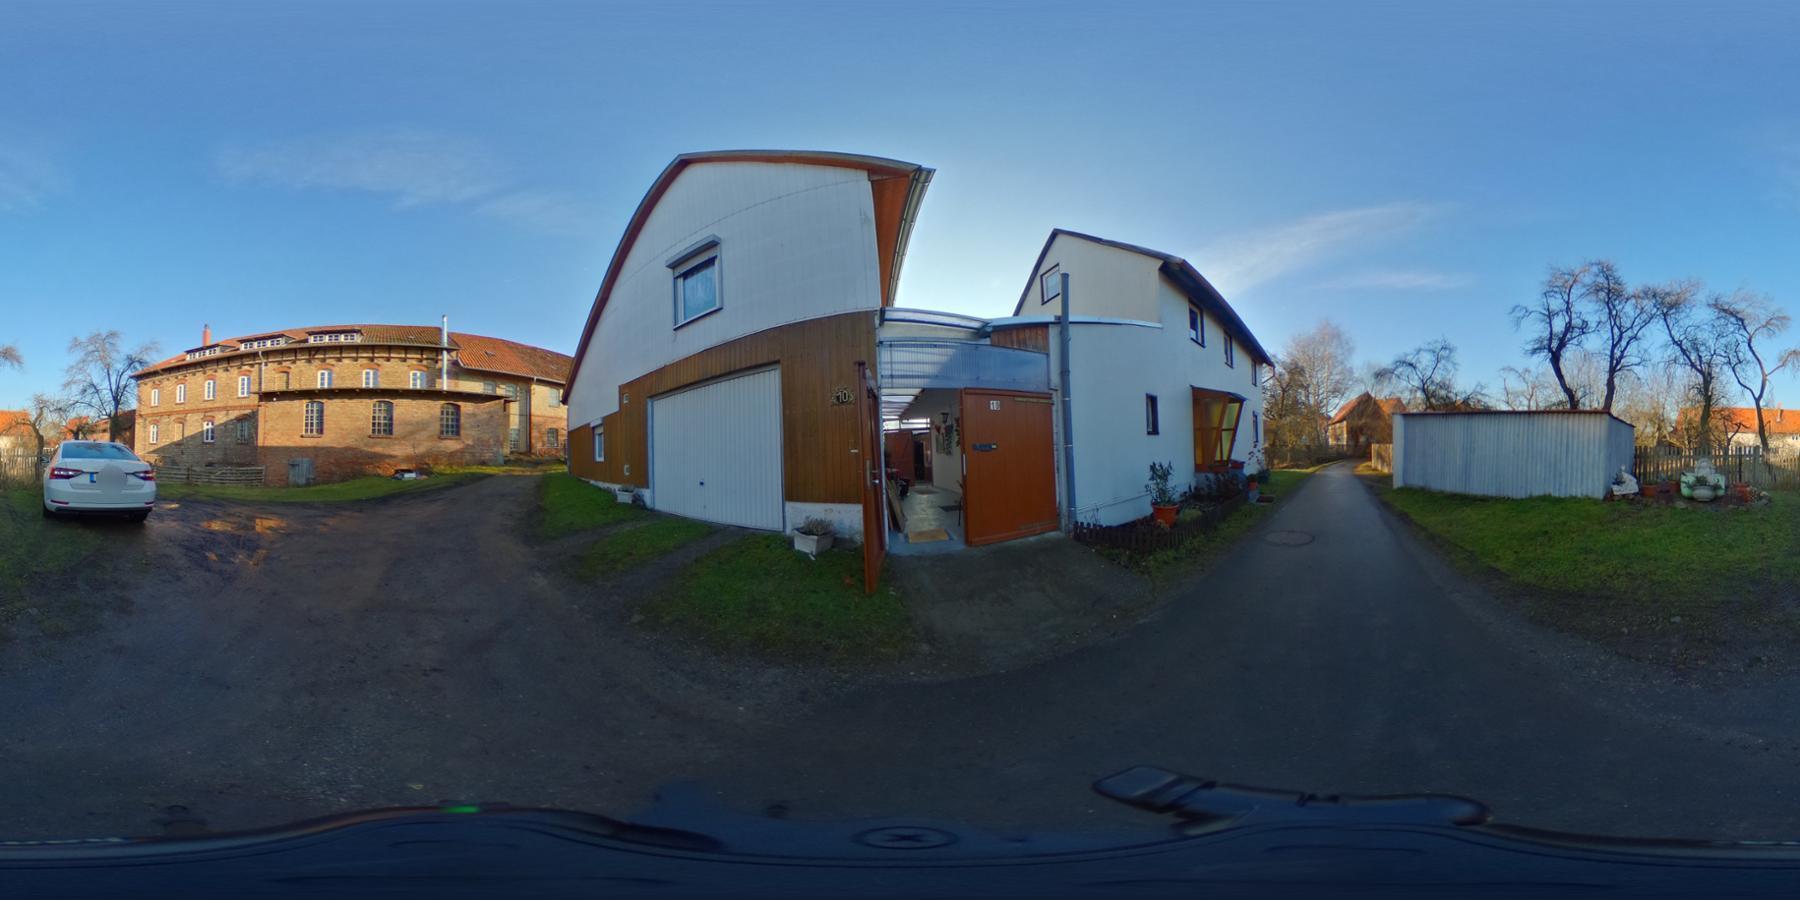 Zwei Einfamilienhäuser zum Preis von einem. Verkauf in Veckenstedt. 360 Grad